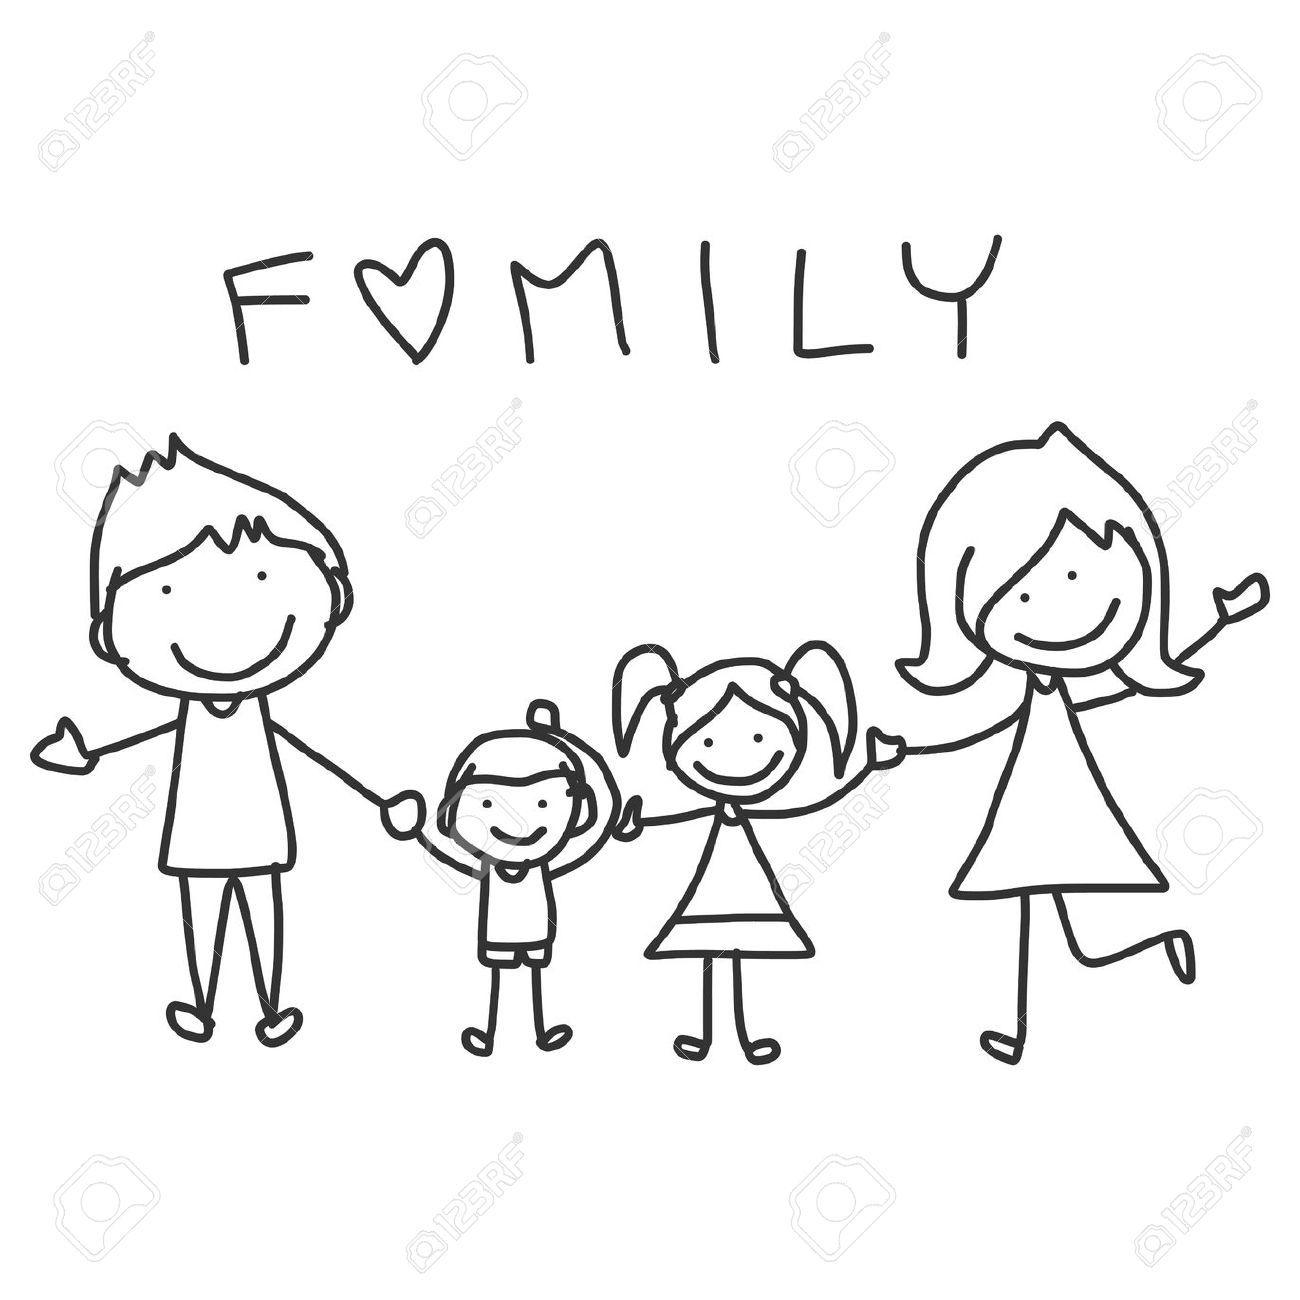 22348129 disegno a mano cartone animato della famiglia felice vita felice archivio fotografico. Black Bedroom Furniture Sets. Home Design Ideas